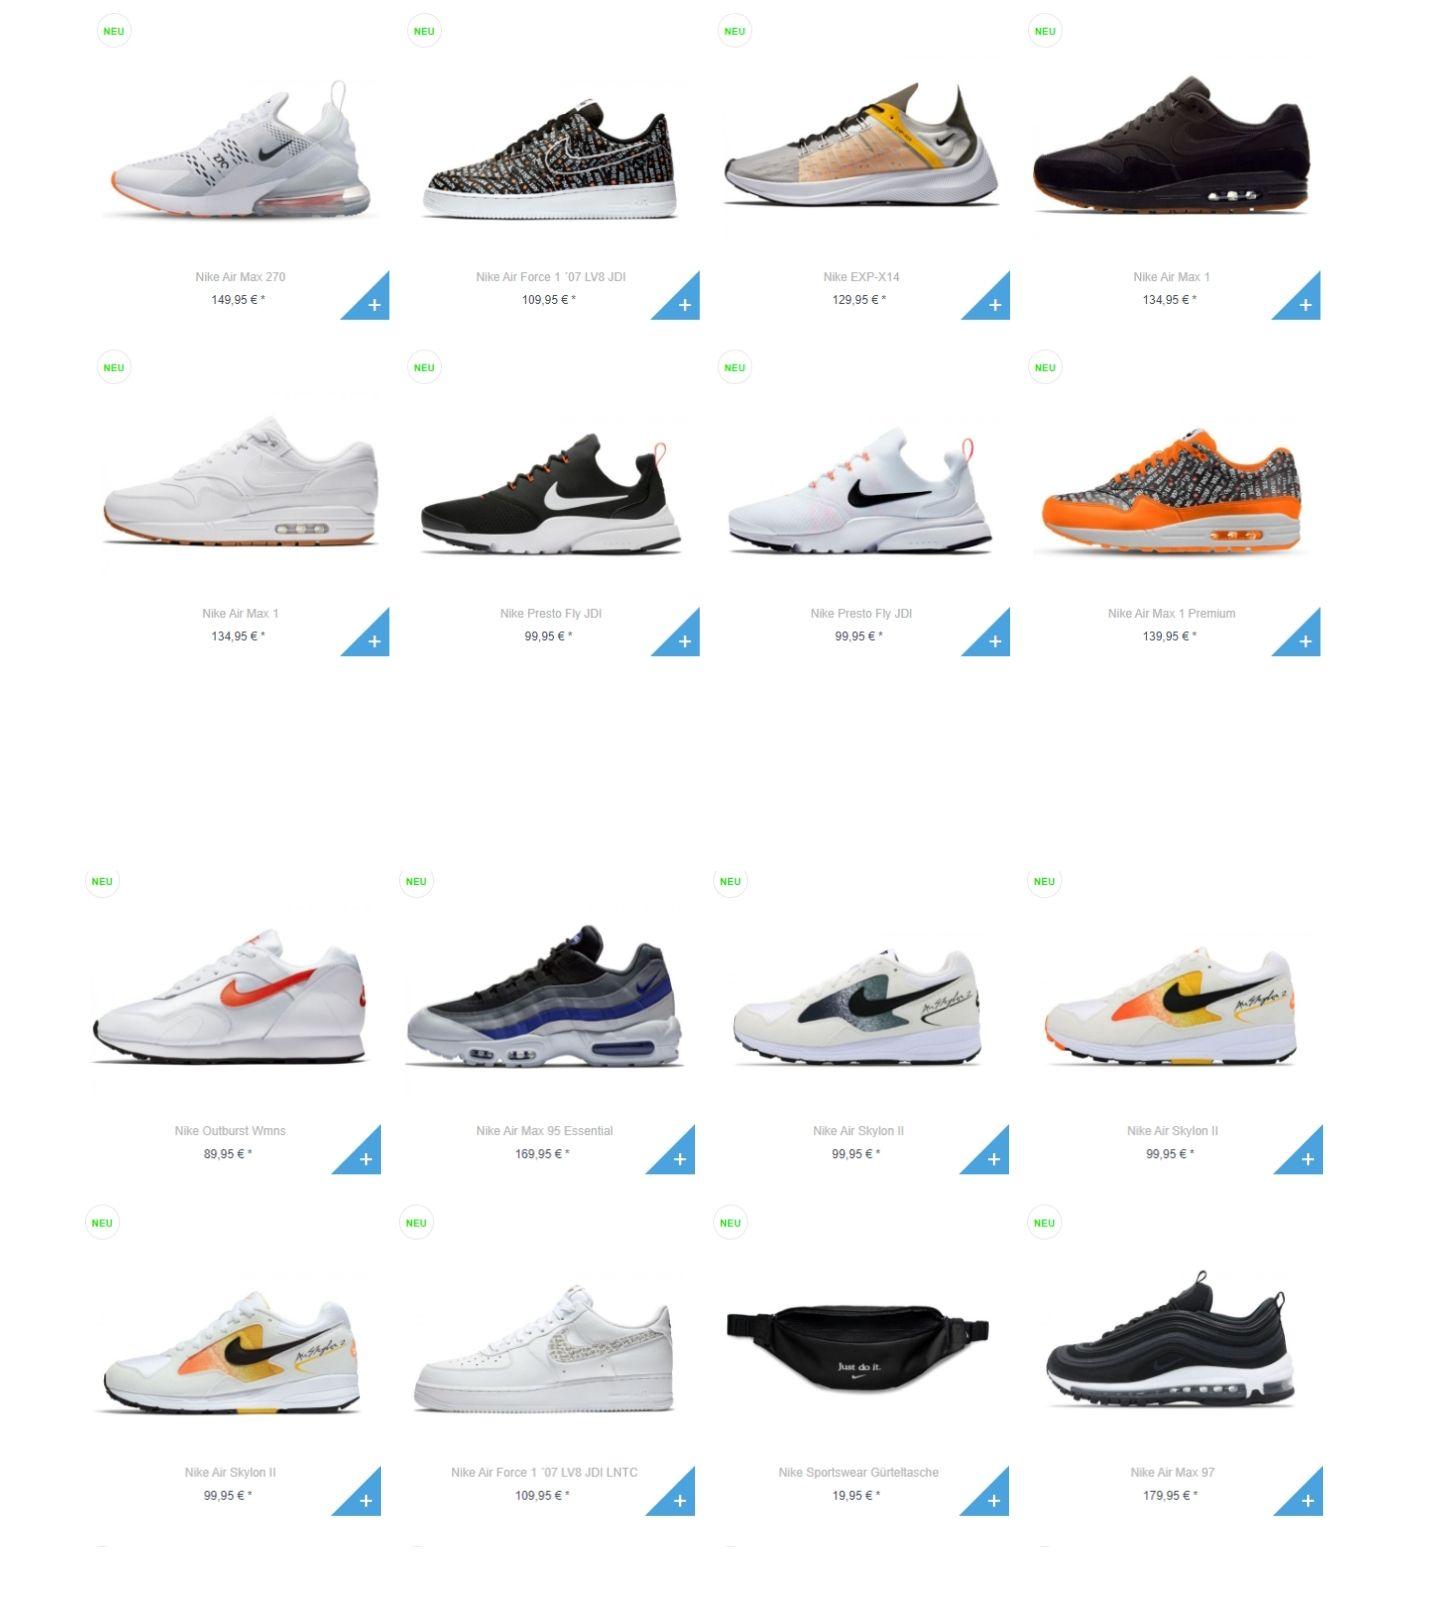 Beim Fortytree-Store gibt es20% auf ALLE Nike-Produkte auch Sale!